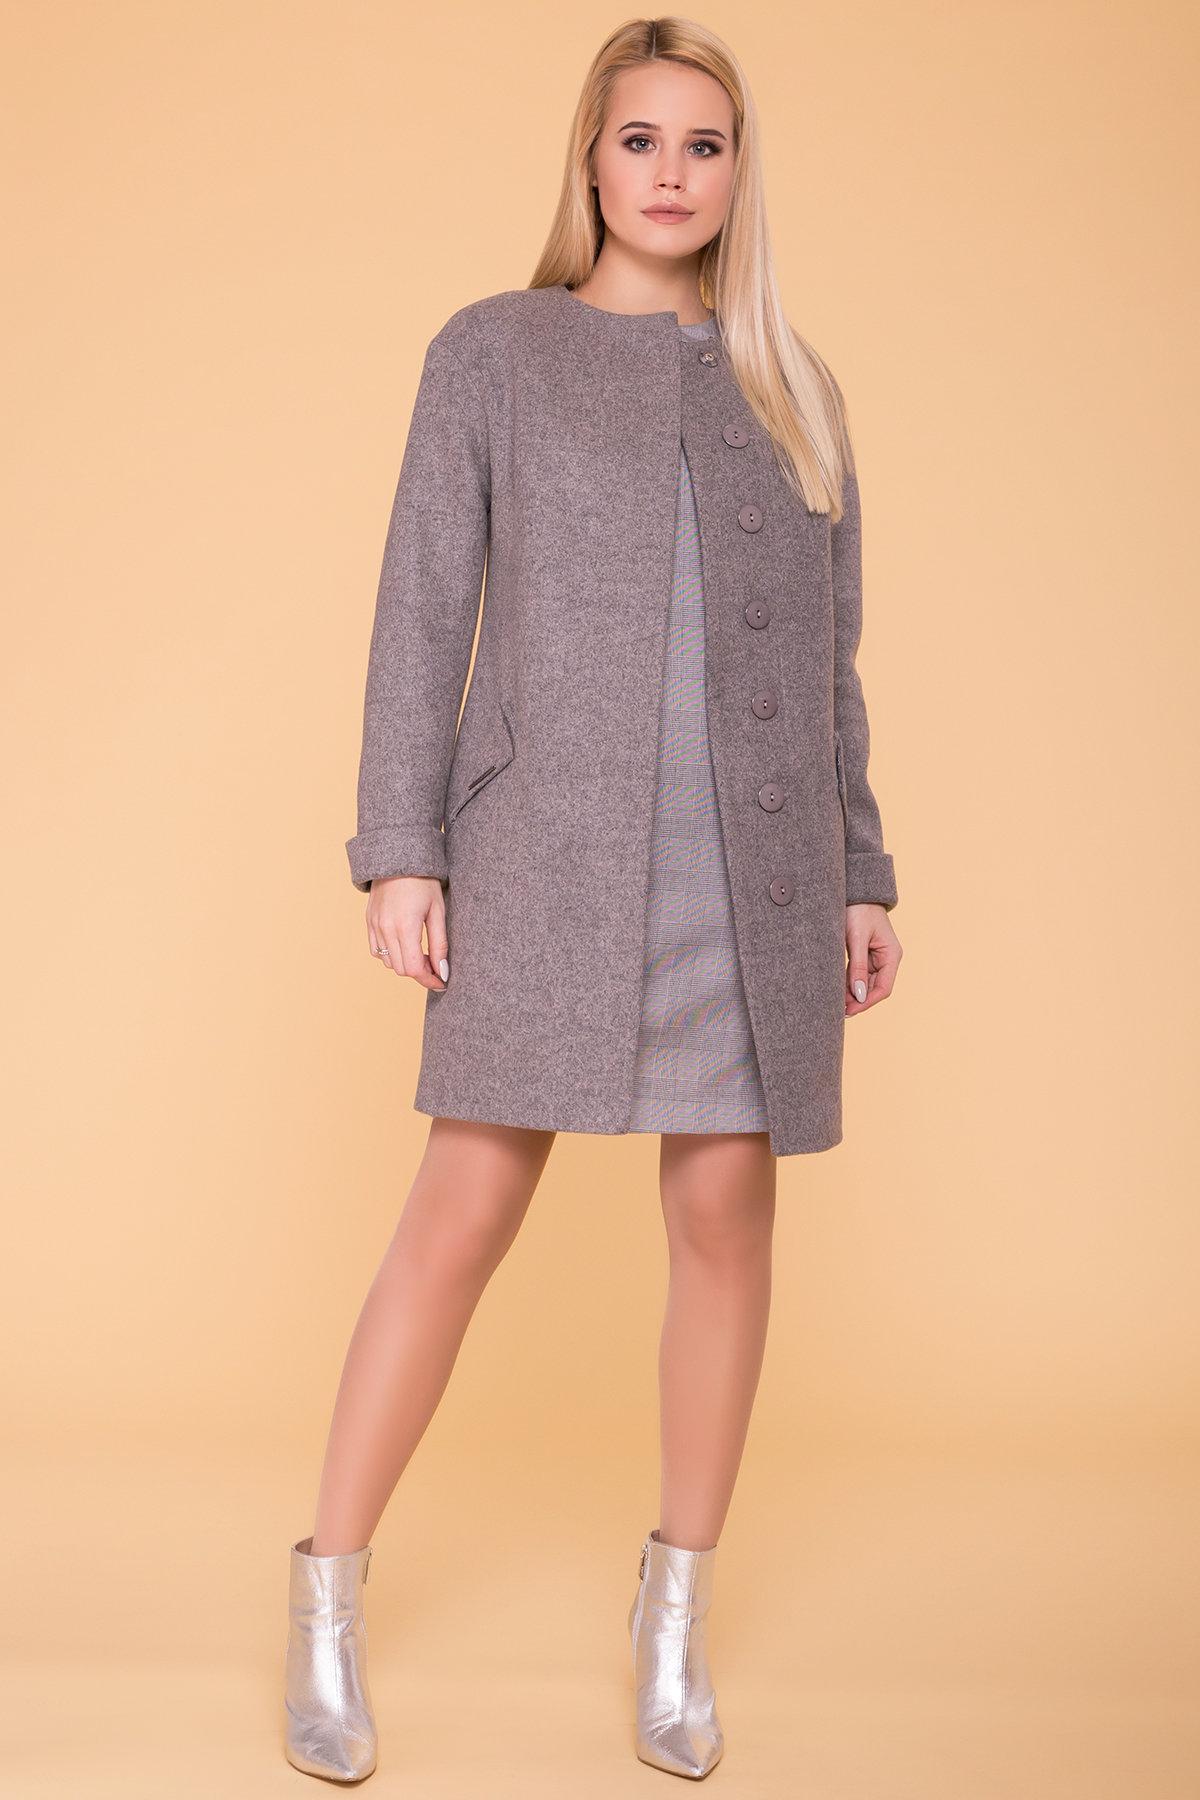 Пальто Кимберли 6101 АРТ. 41069 Цвет: Карамель 20/1 - фото 5, интернет магазин tm-modus.ru